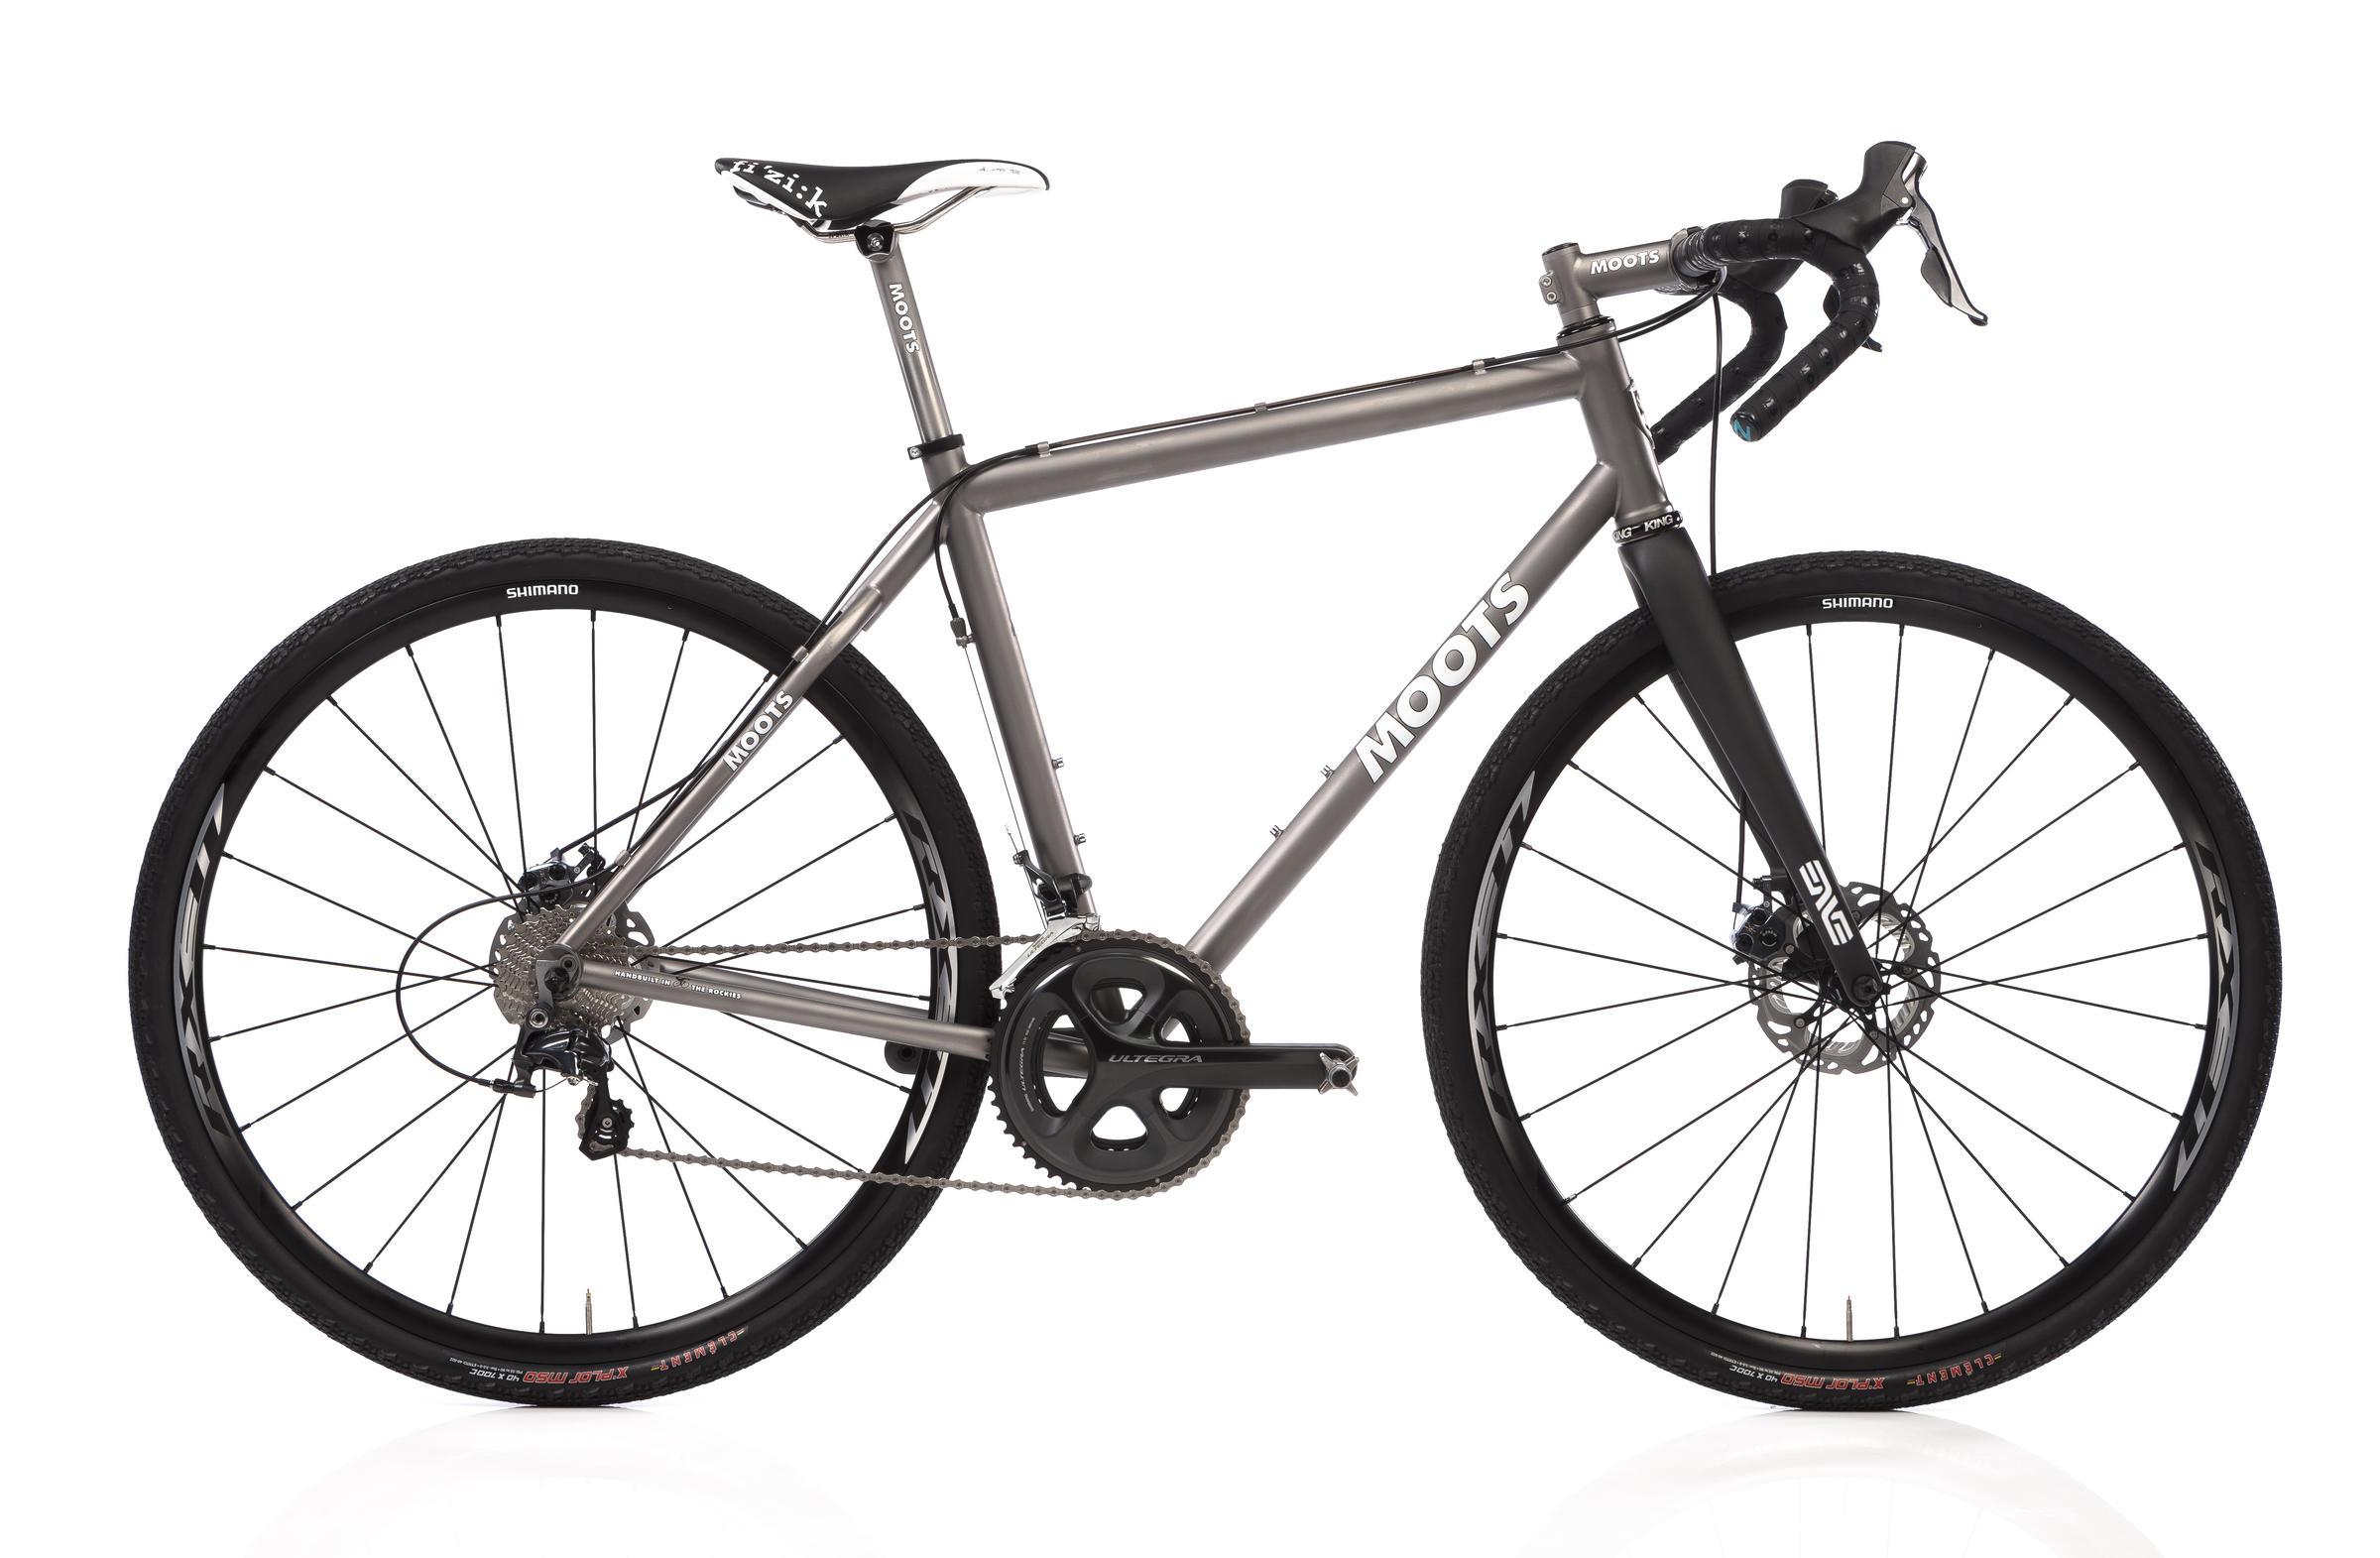 moots routt 45 frameset - the bike way